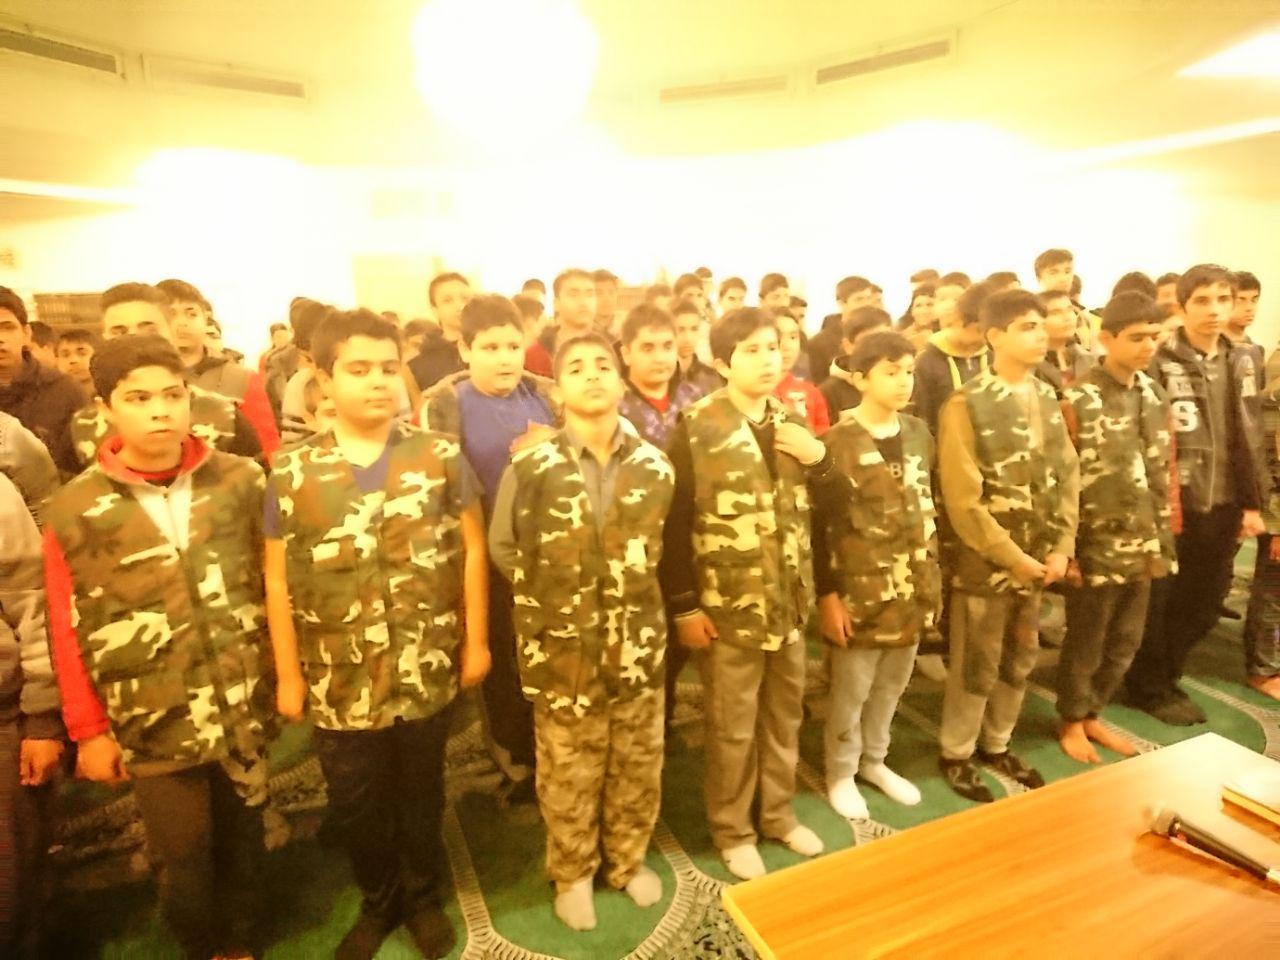 جلسه ی دوم سلاح شناسی و ستاره شناسی دبیرستان شهدای صنف گردبافان با همکاری بسیج برگزار شد.